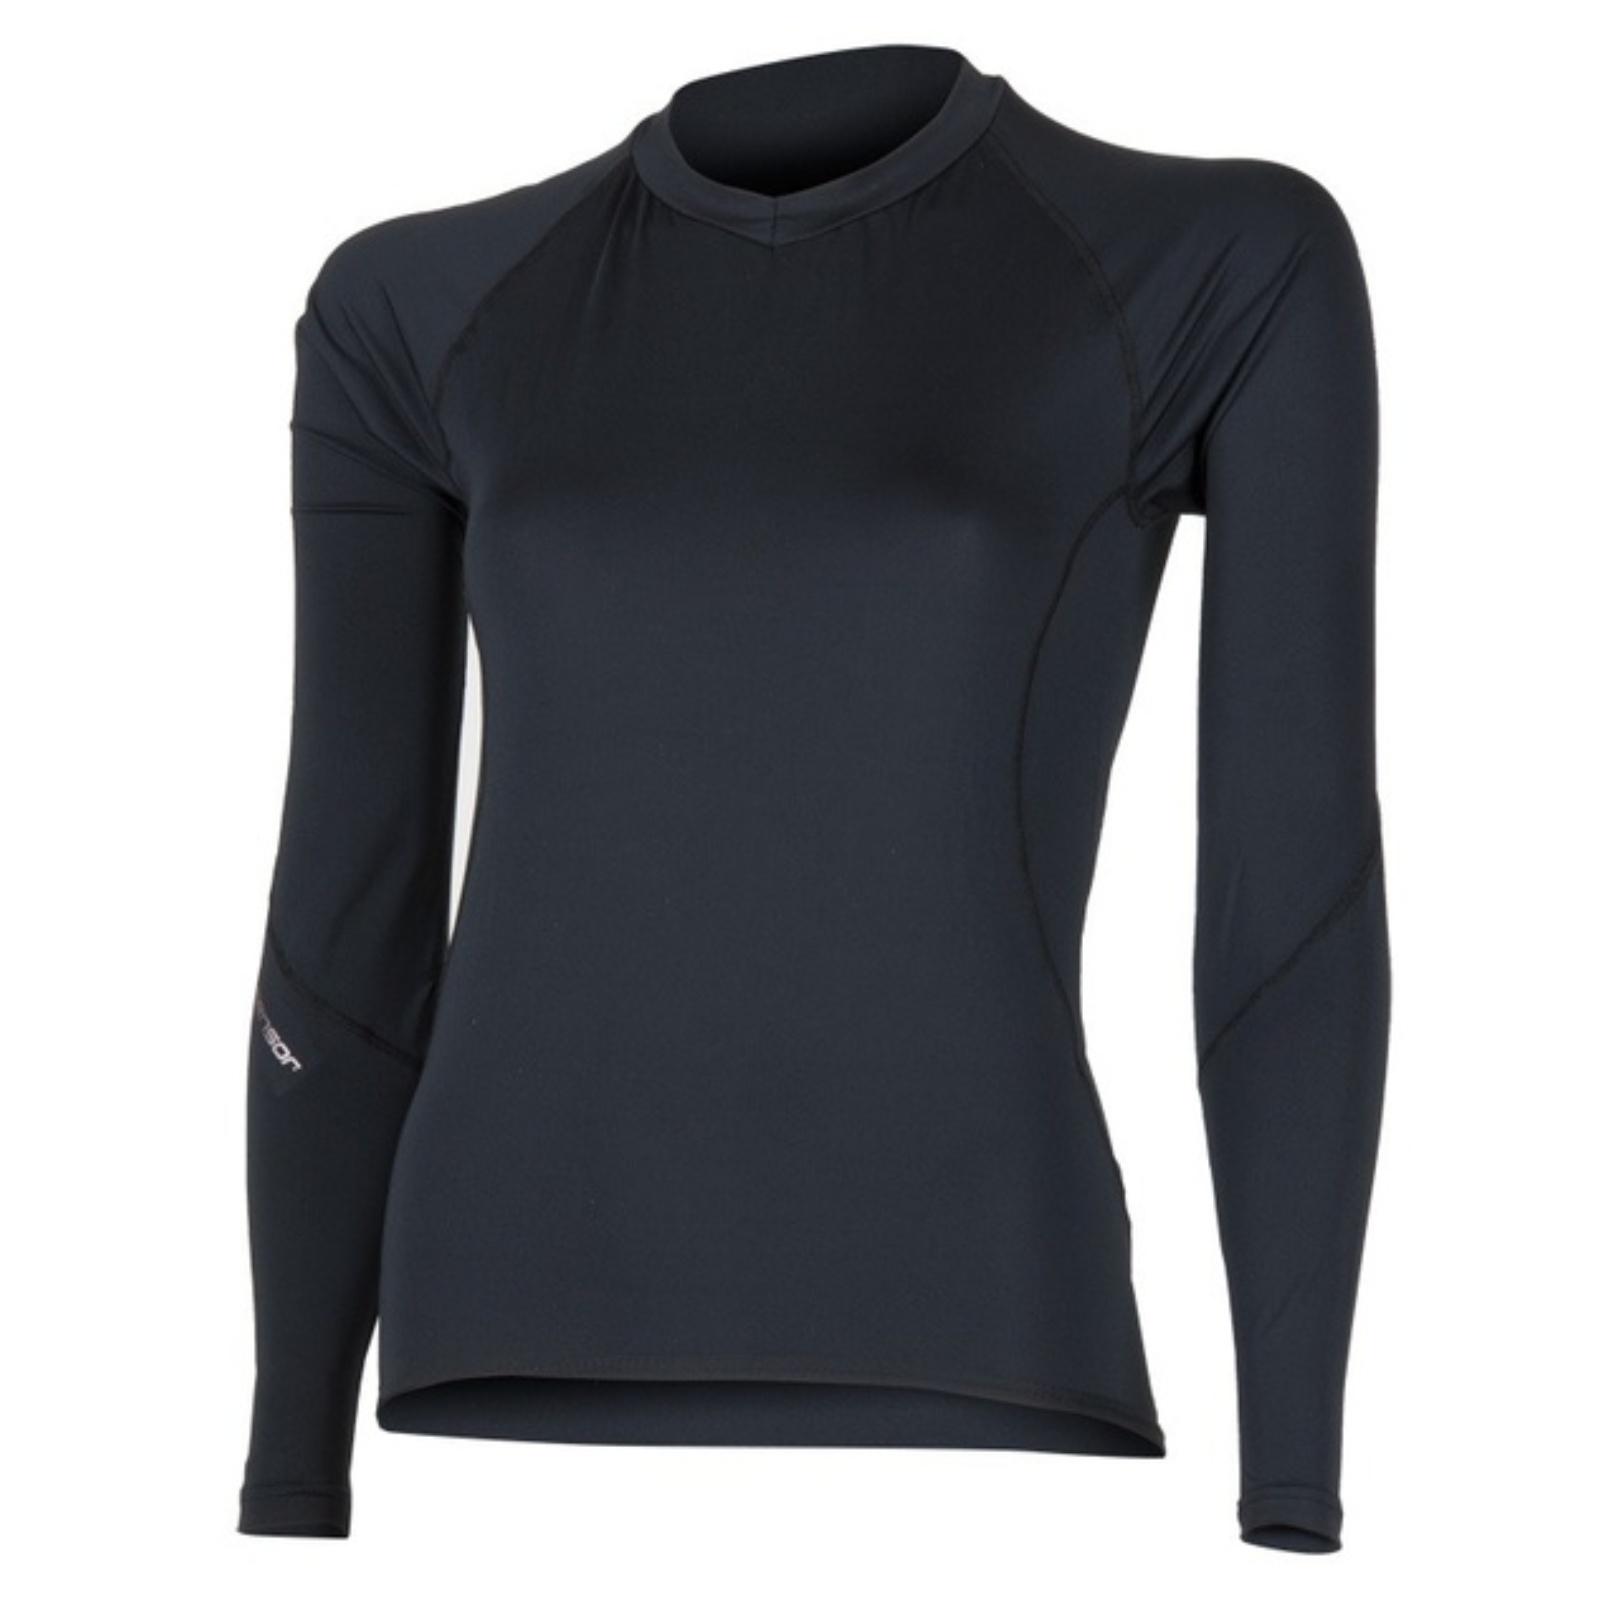 Tričko dlhý rukáv SENSOR Coolmax Fresh dámske čierne